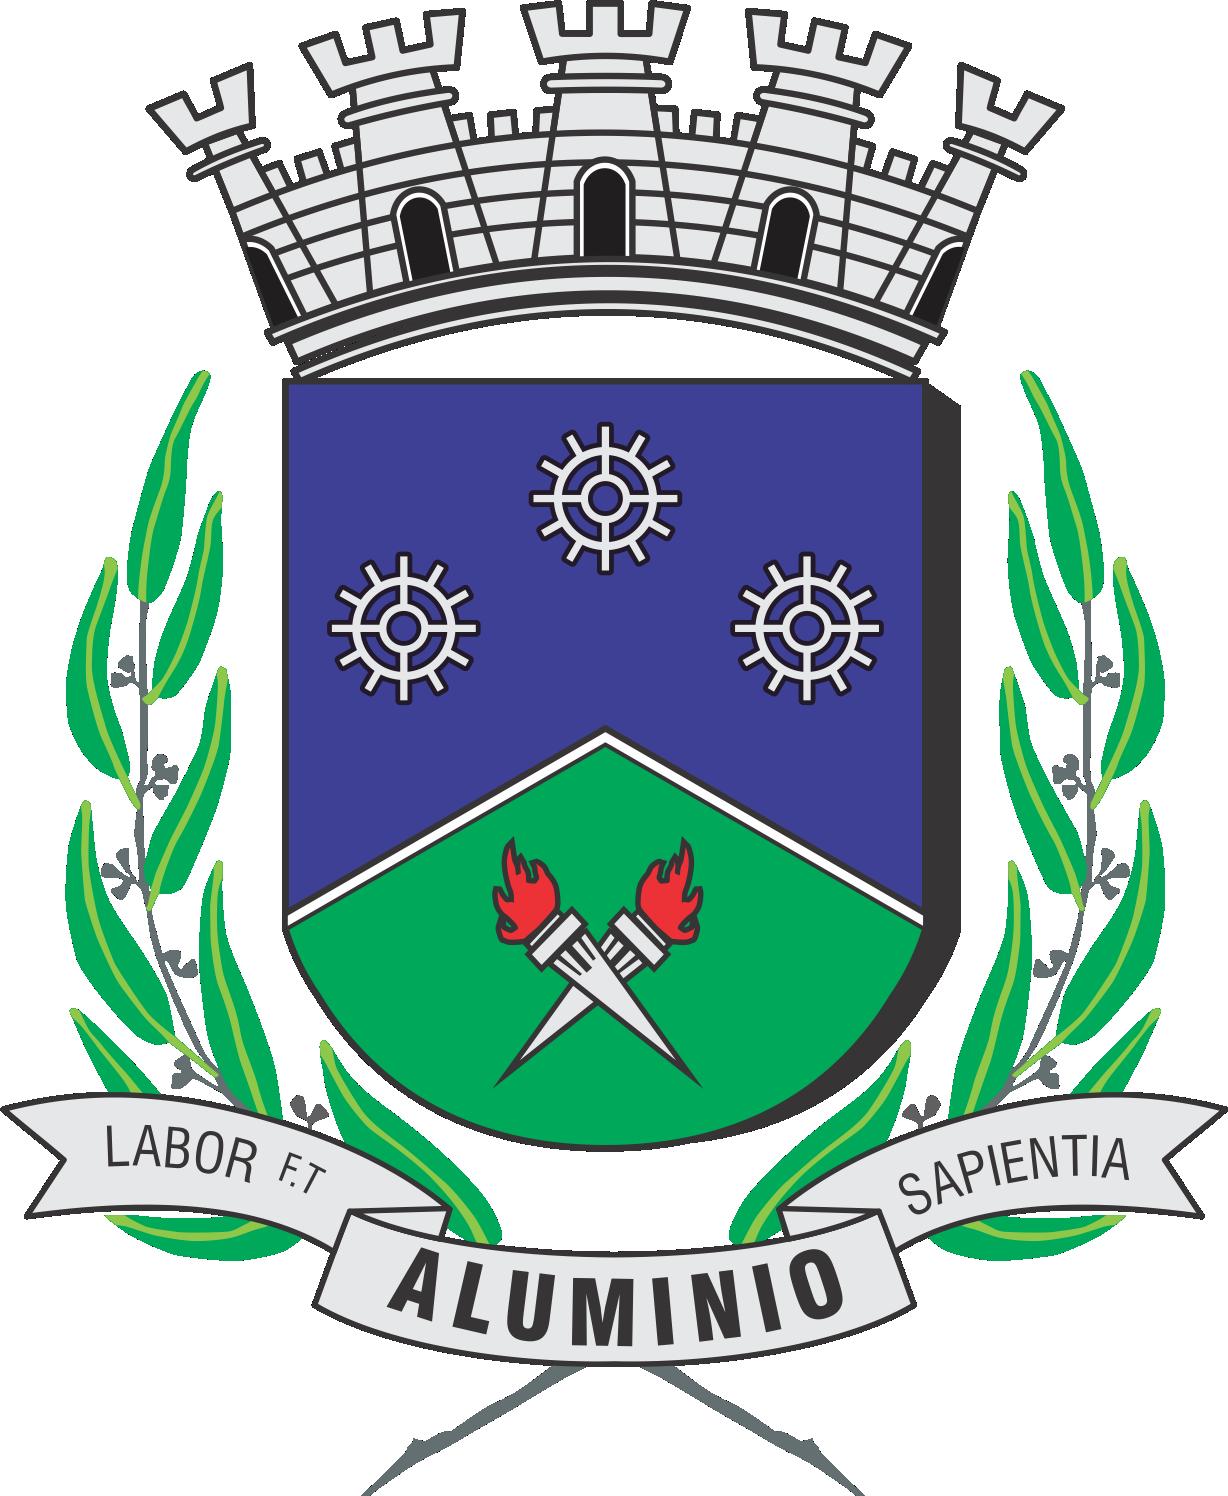 S mbolos municipais prefeitura de aluminio - Simbolo de aluminio ...